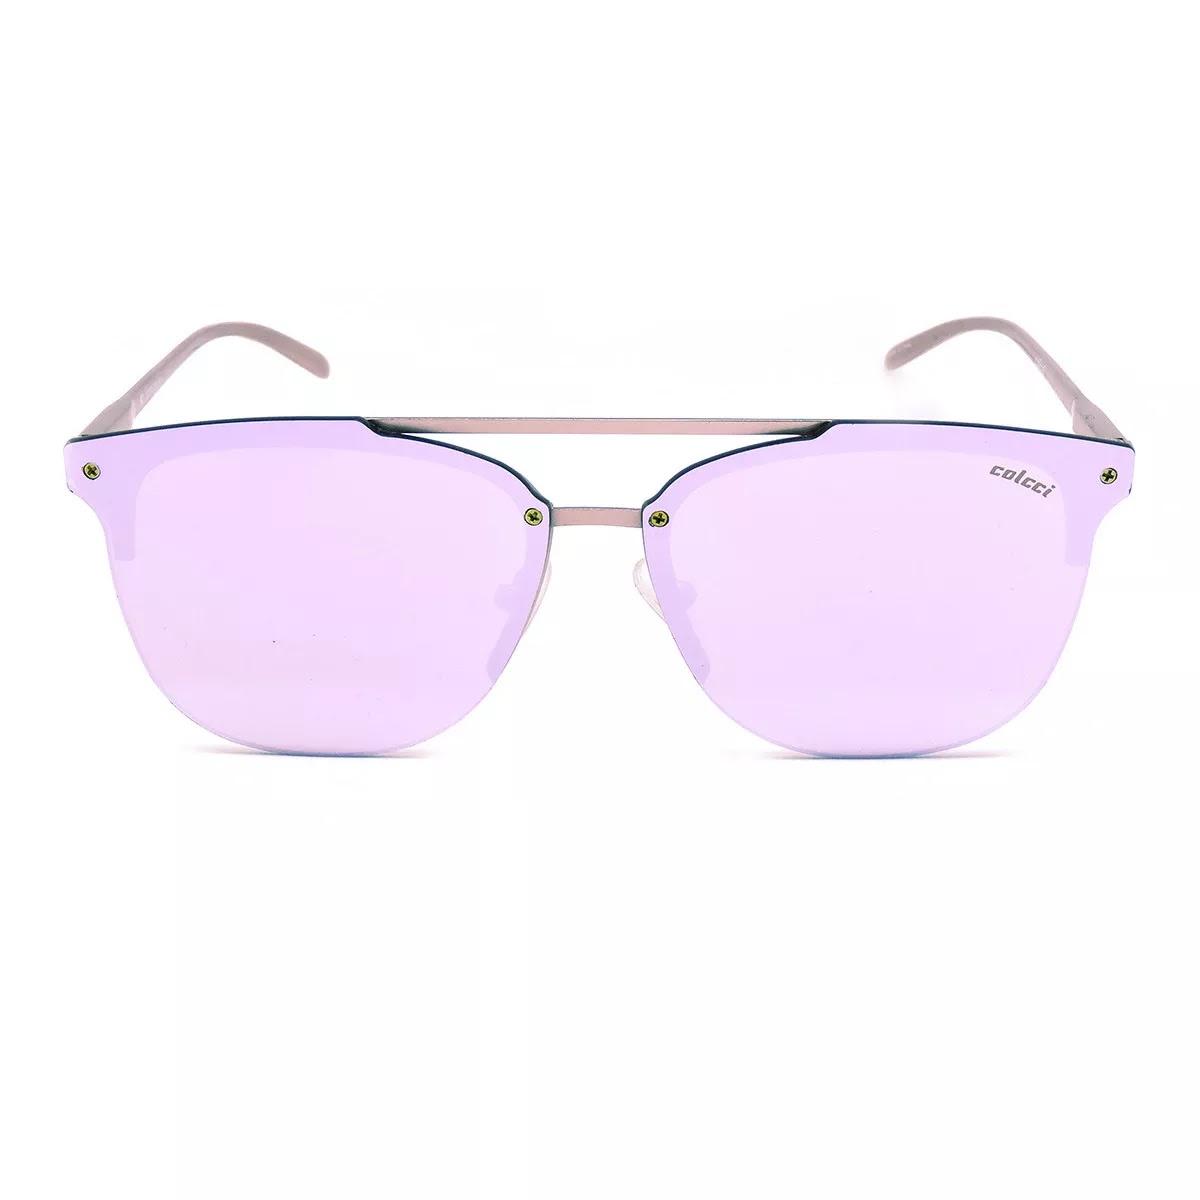 Óculos de sol feminino   Óticas Marília ce59b9d728